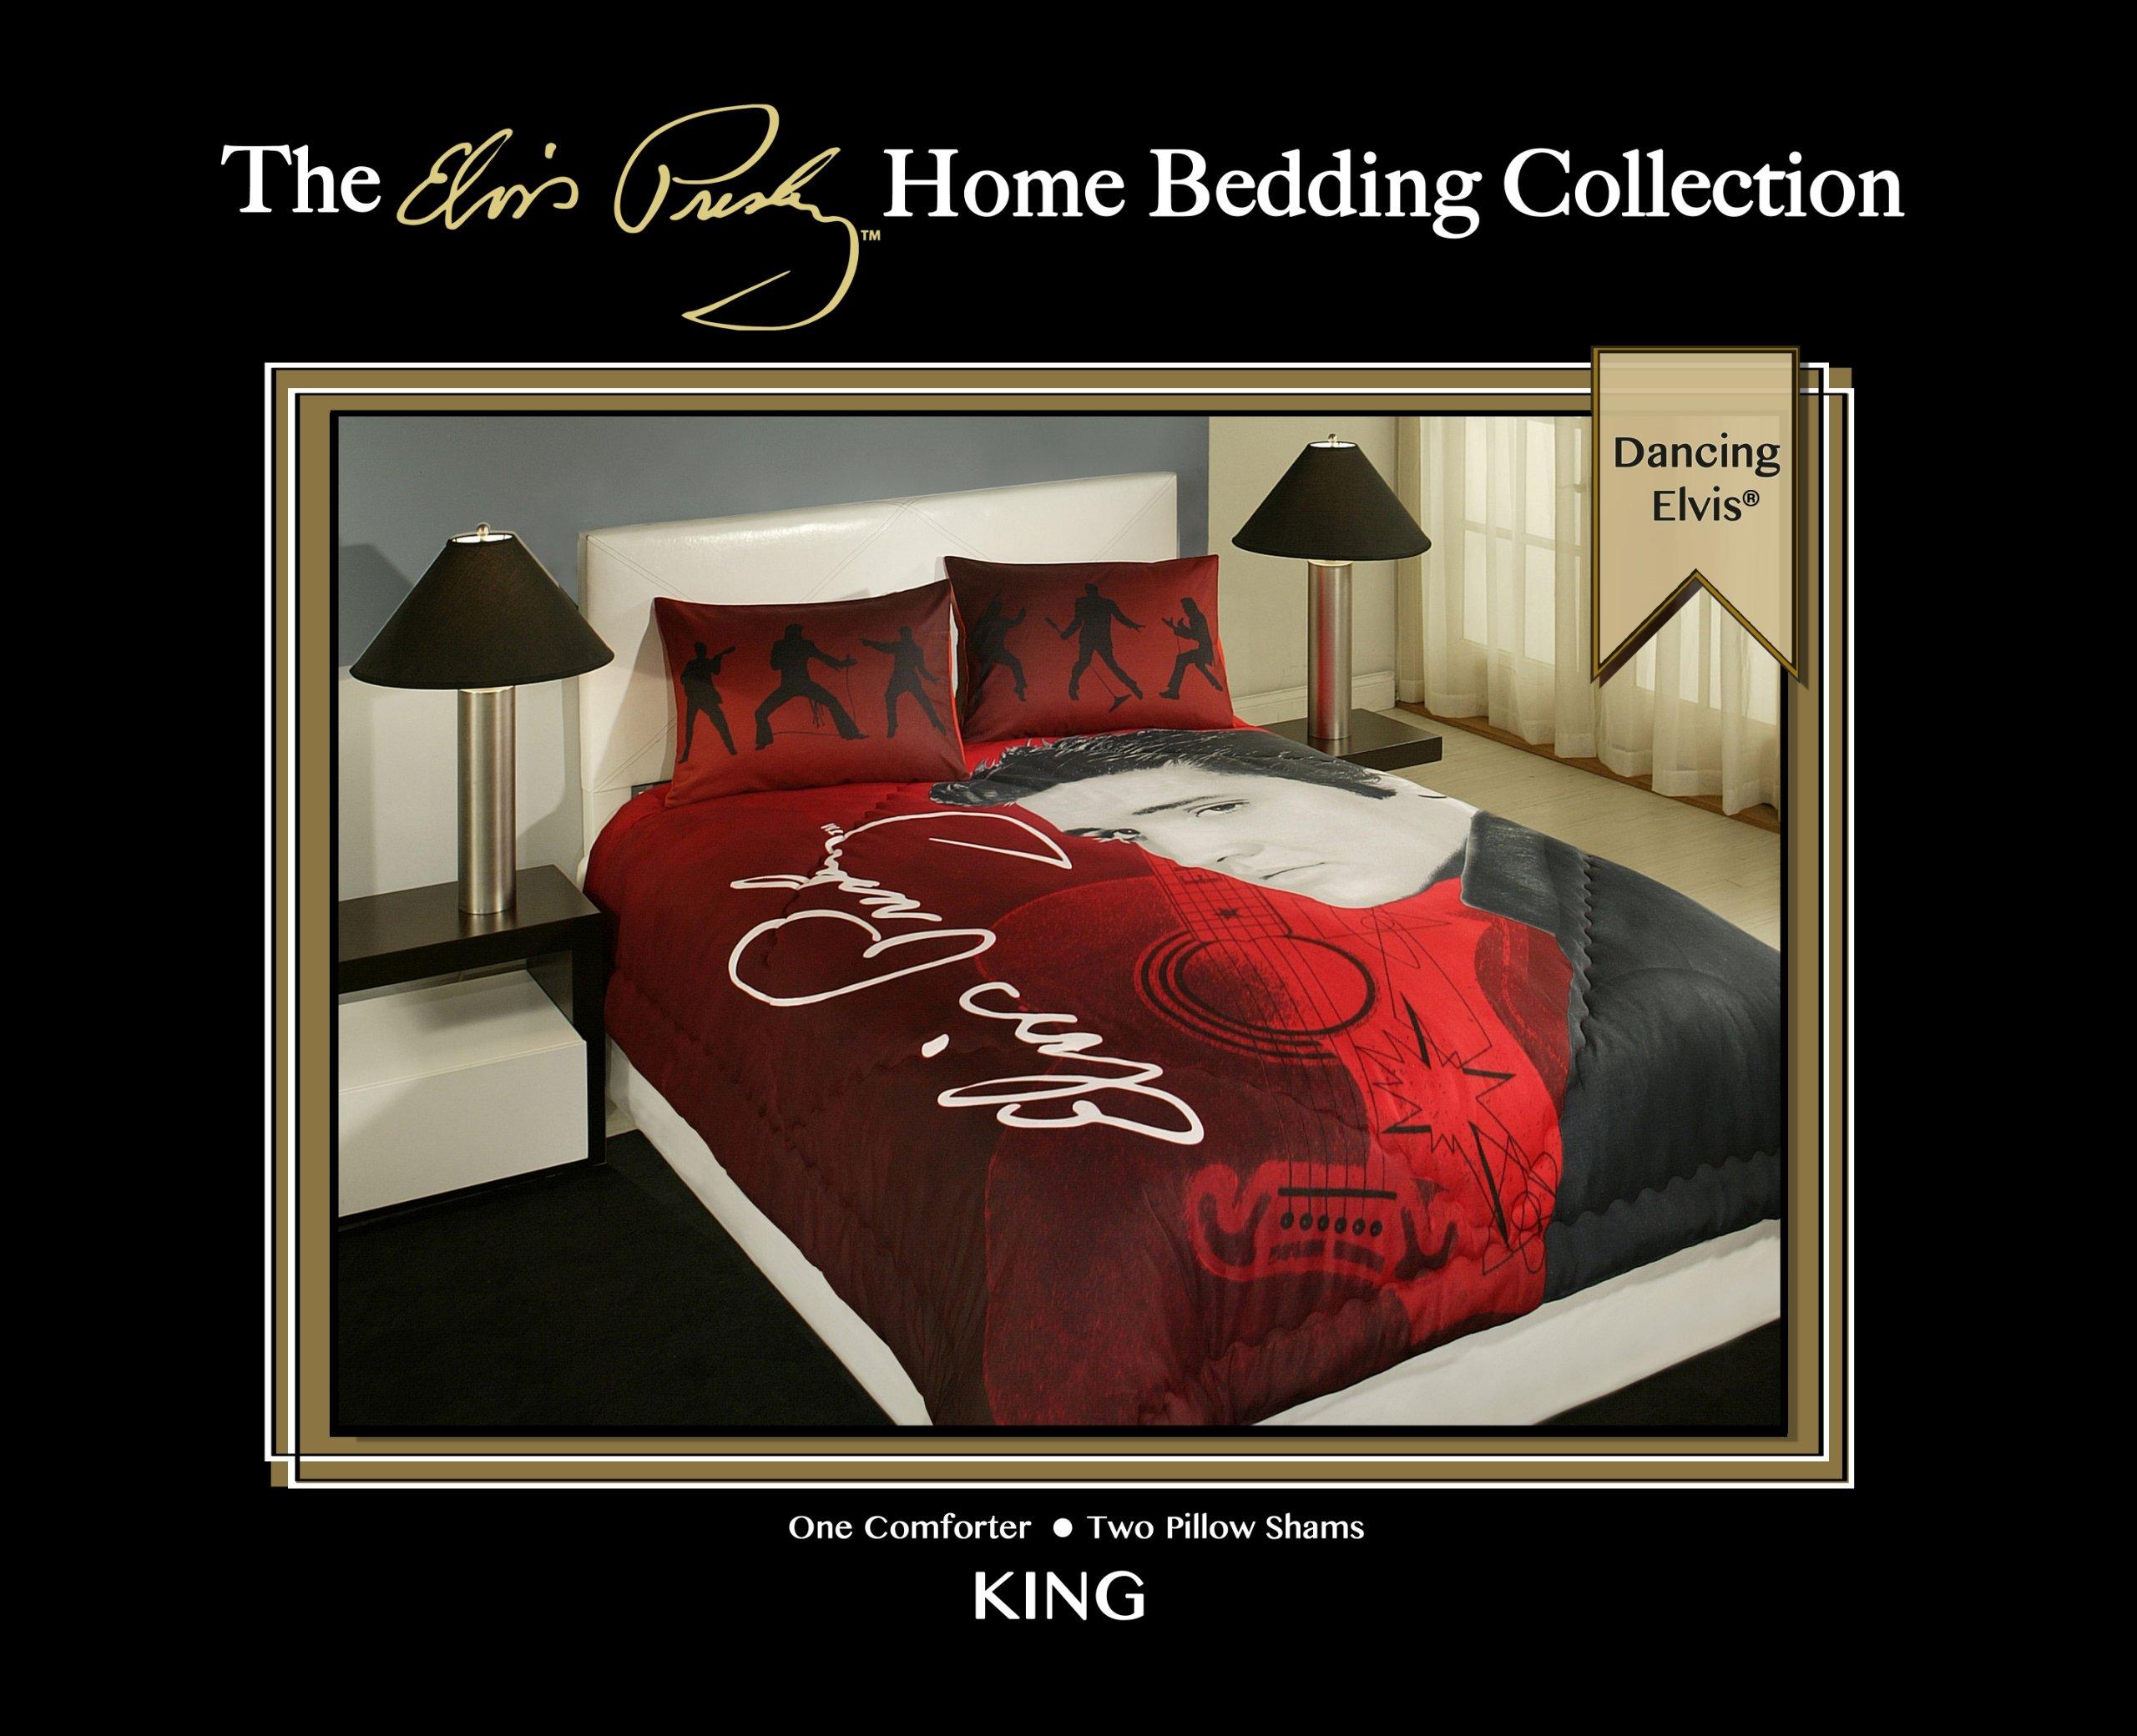 ''Dancing Elvis'' 3 Piece King Size Bedding Set by Elvis Presley Home Bedding Colection (Image #4)